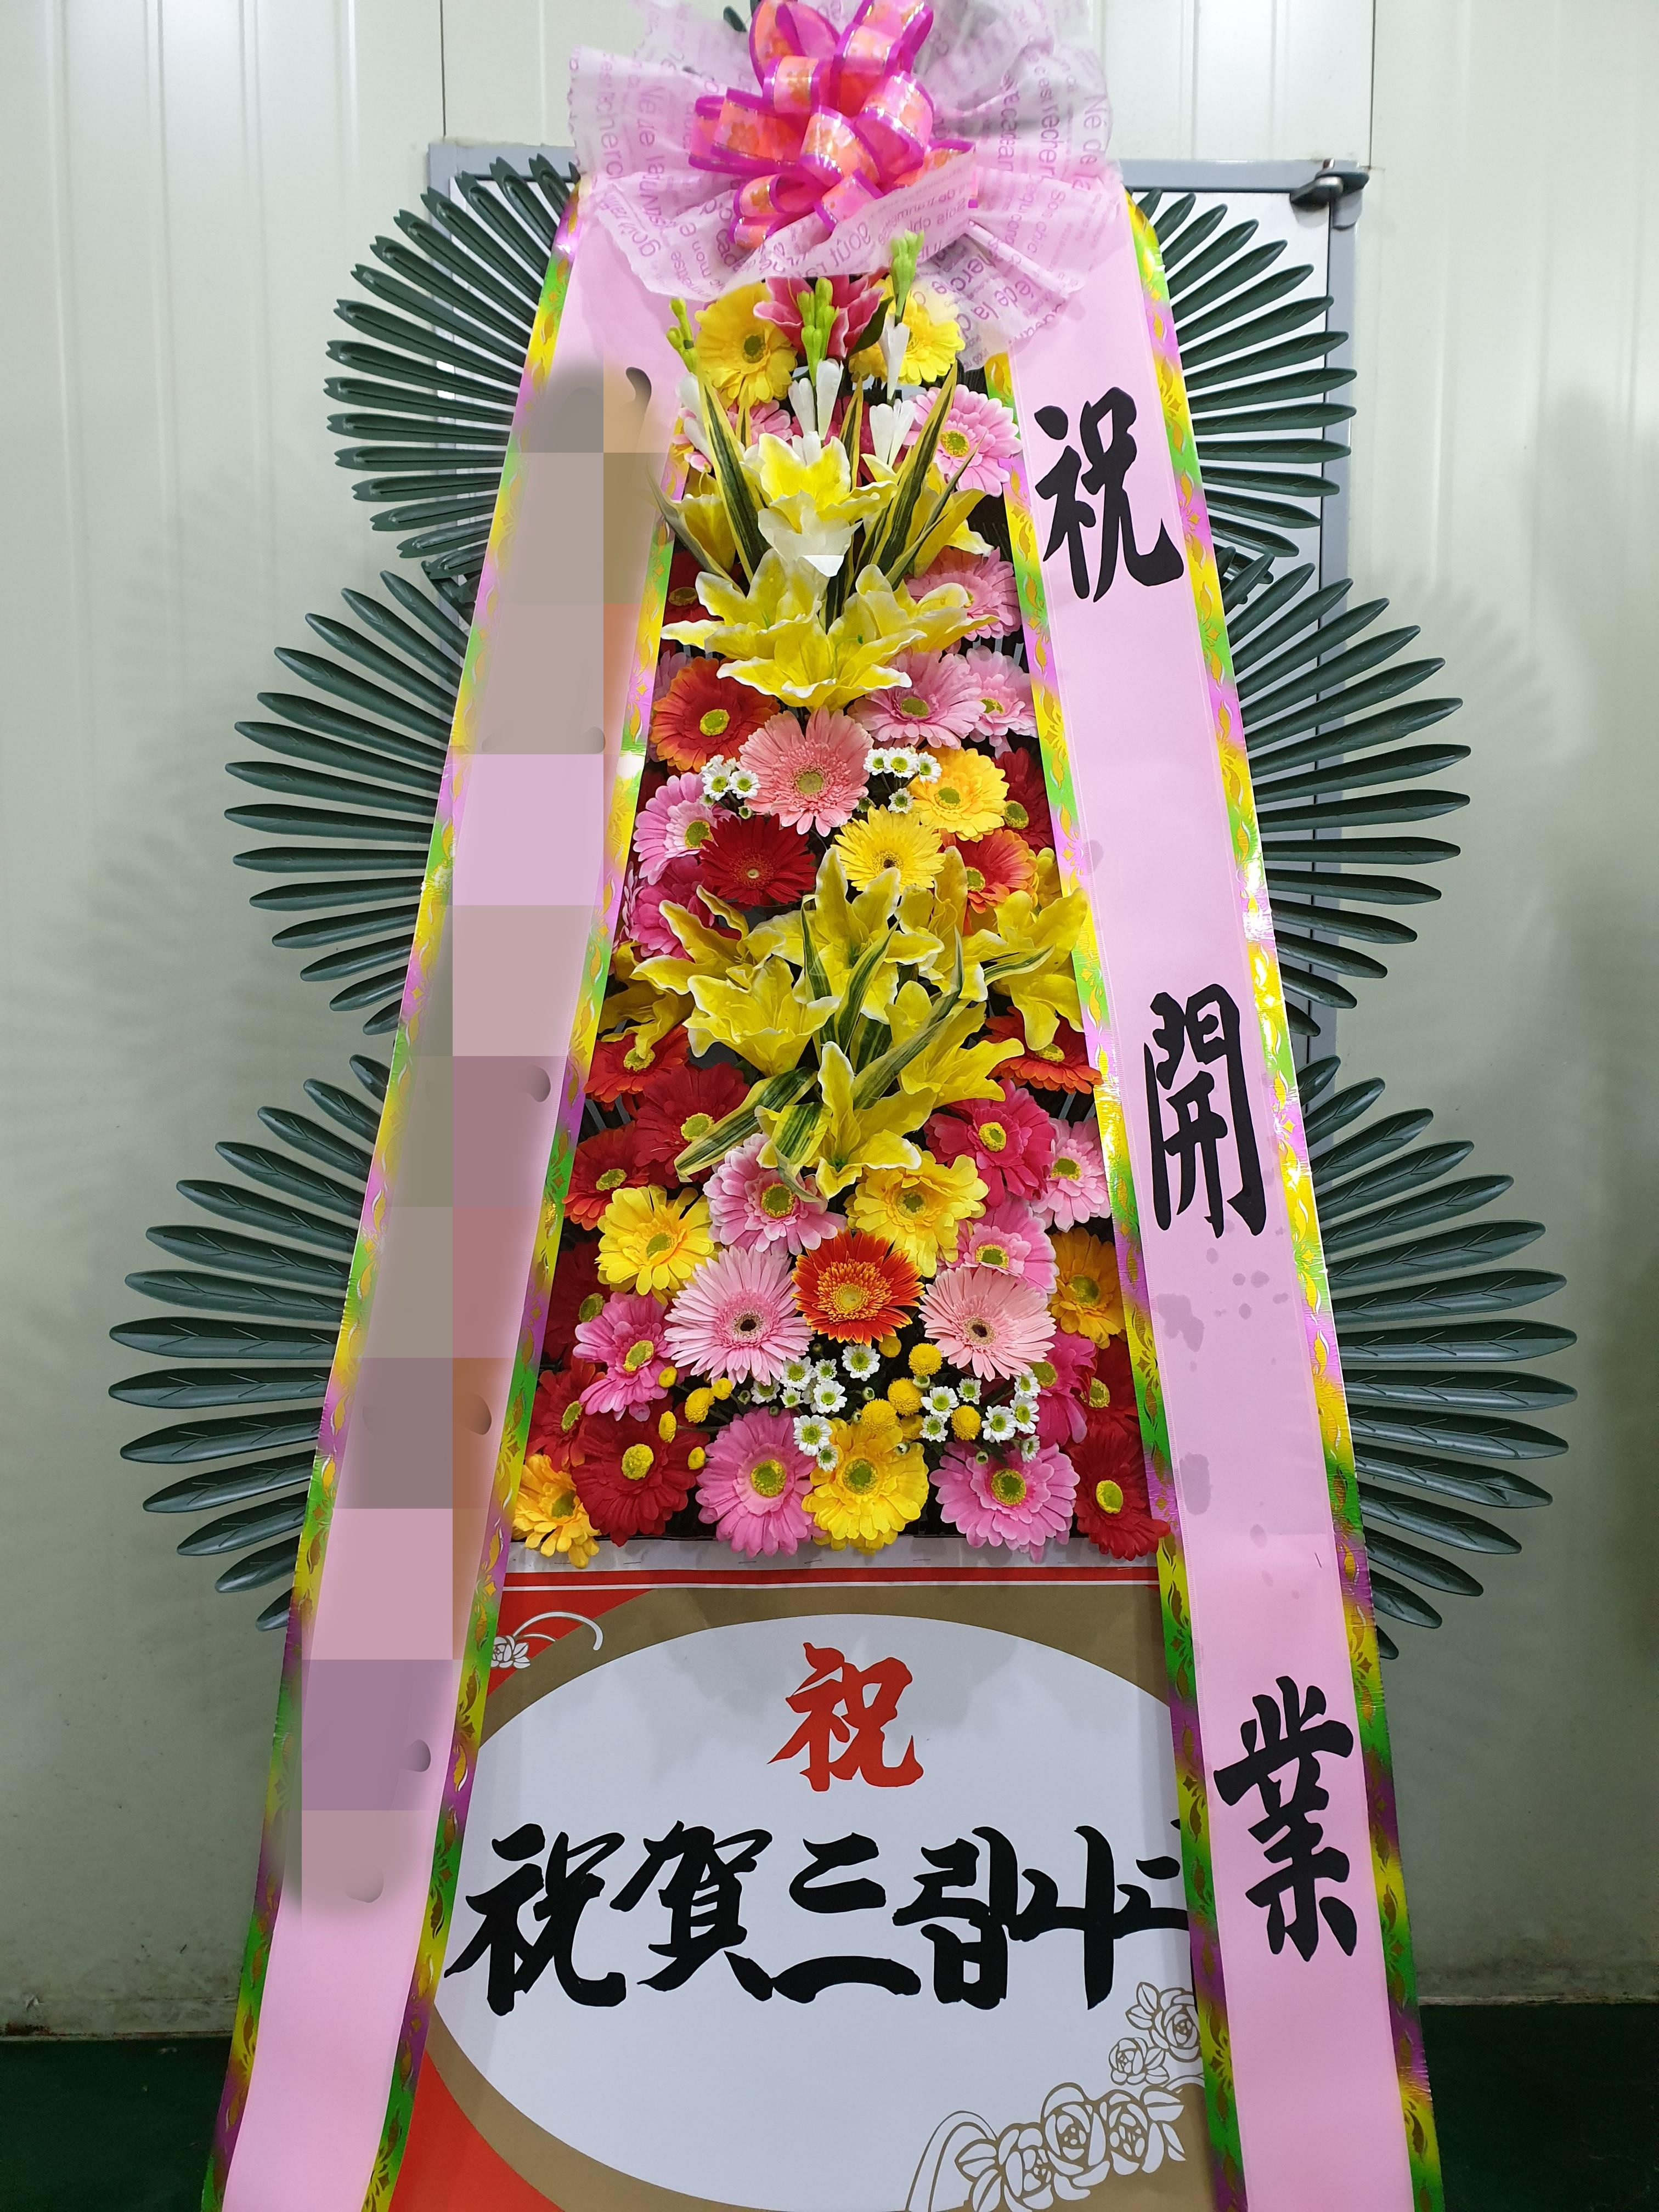 주문자 이ㅇㅇ 부산광역시로 배송된 상품사진입니다